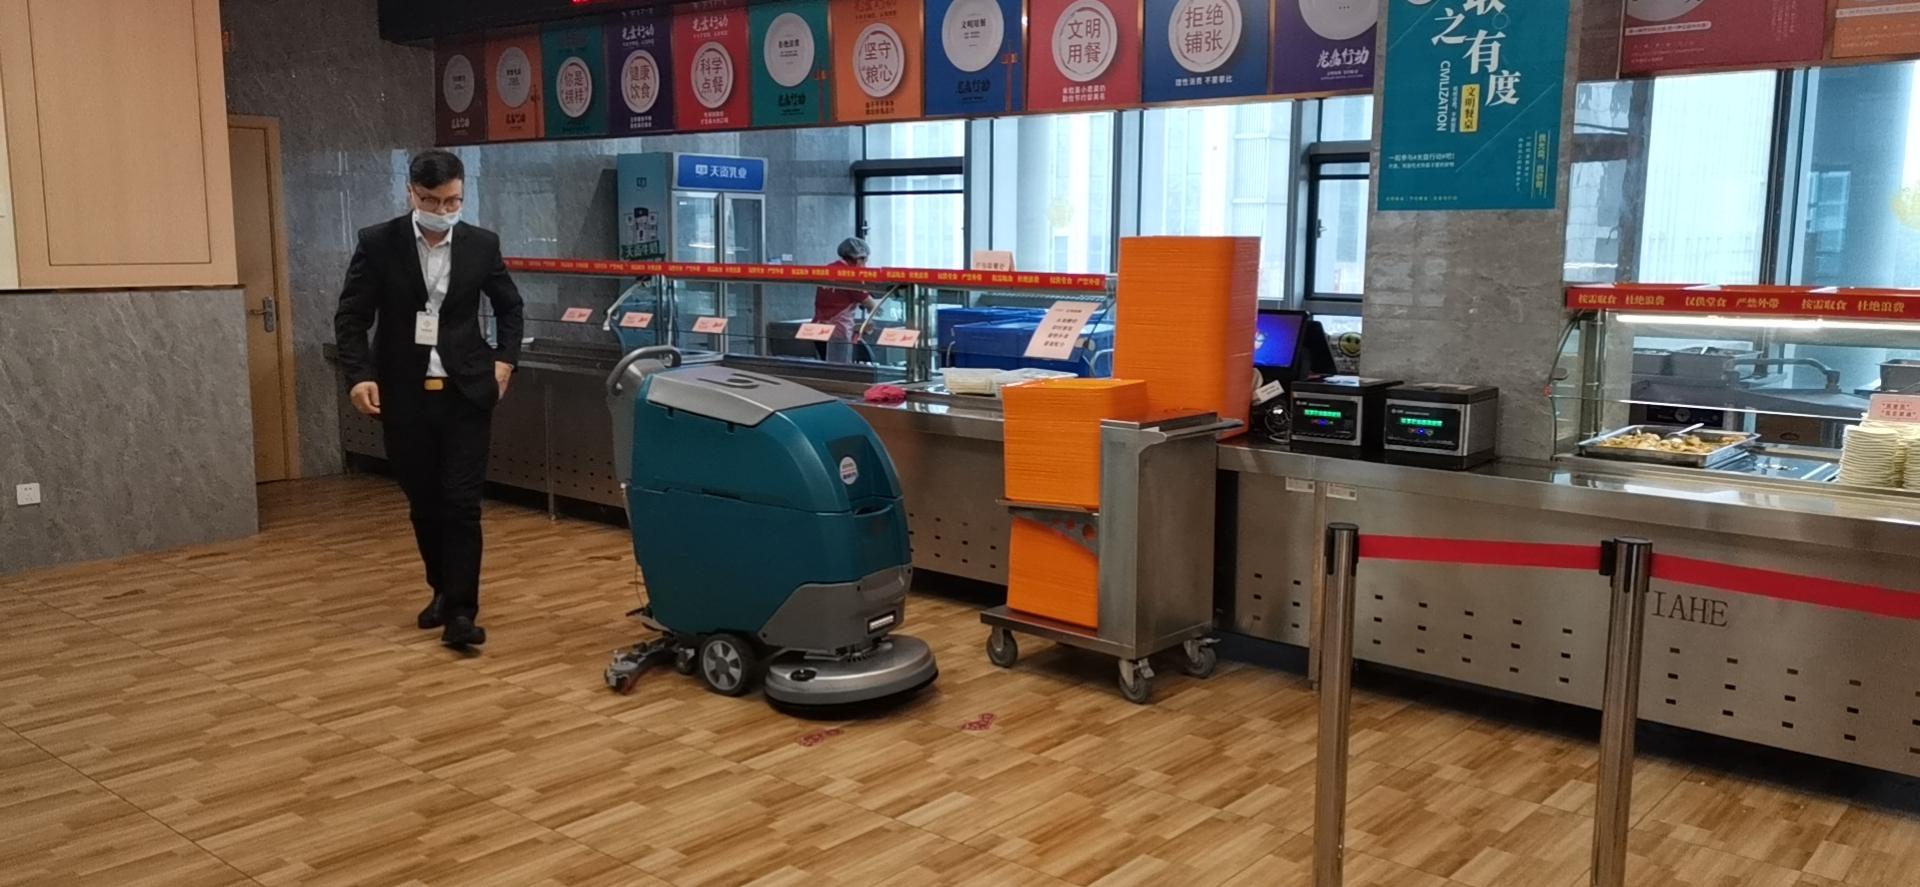 全自动洗地机哪里有买到比较合适的?